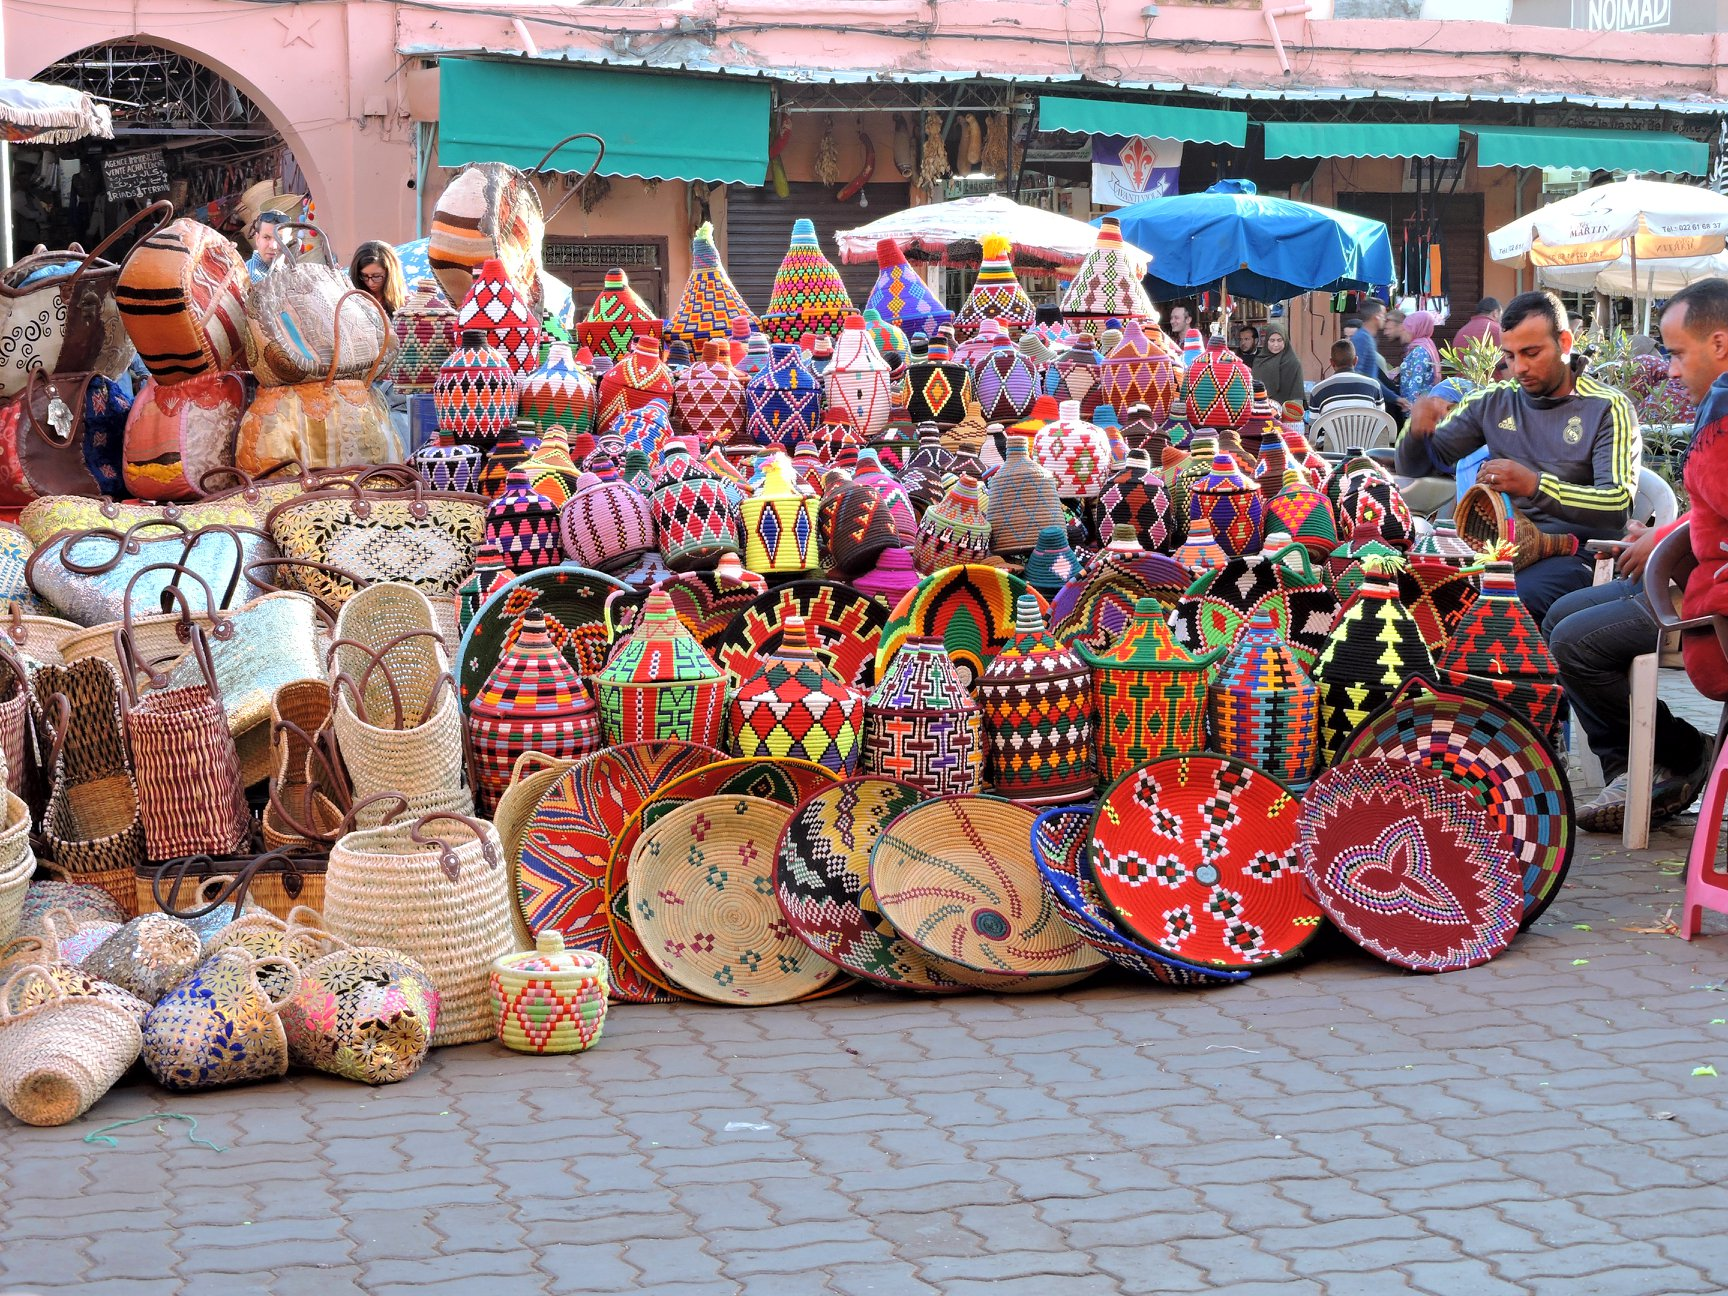 From Marrakech to Small Zagora Desert